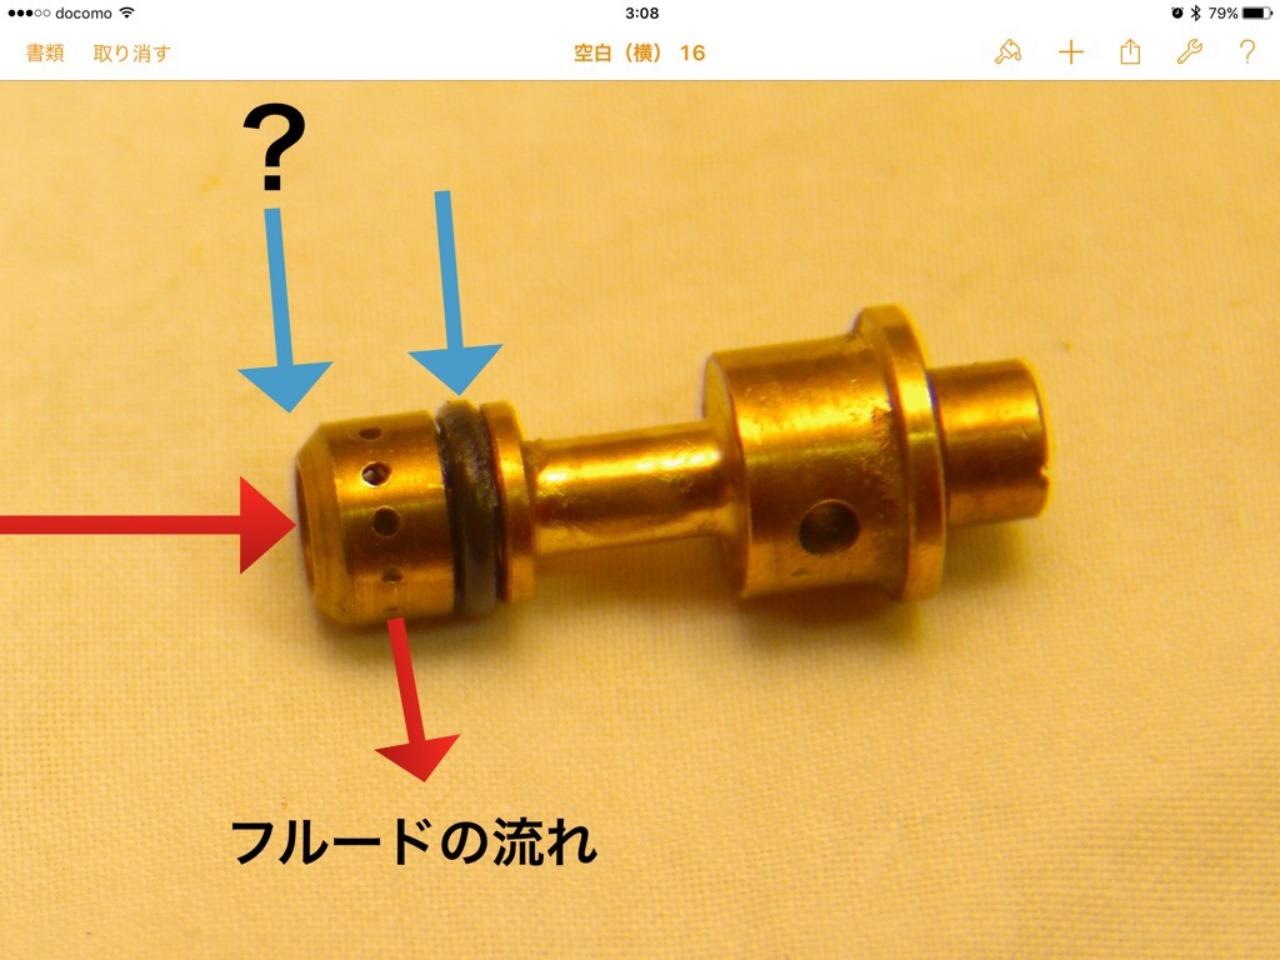 【DB7】リアダンパーアジャスター構造、組立、考察_e0159646_3451779.jpg